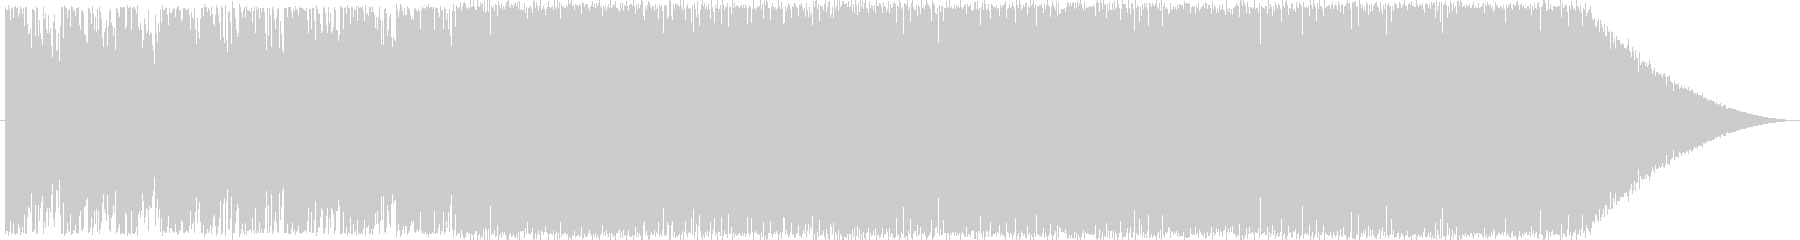 明るく前向きなイメージの曲です。の未再生の波形